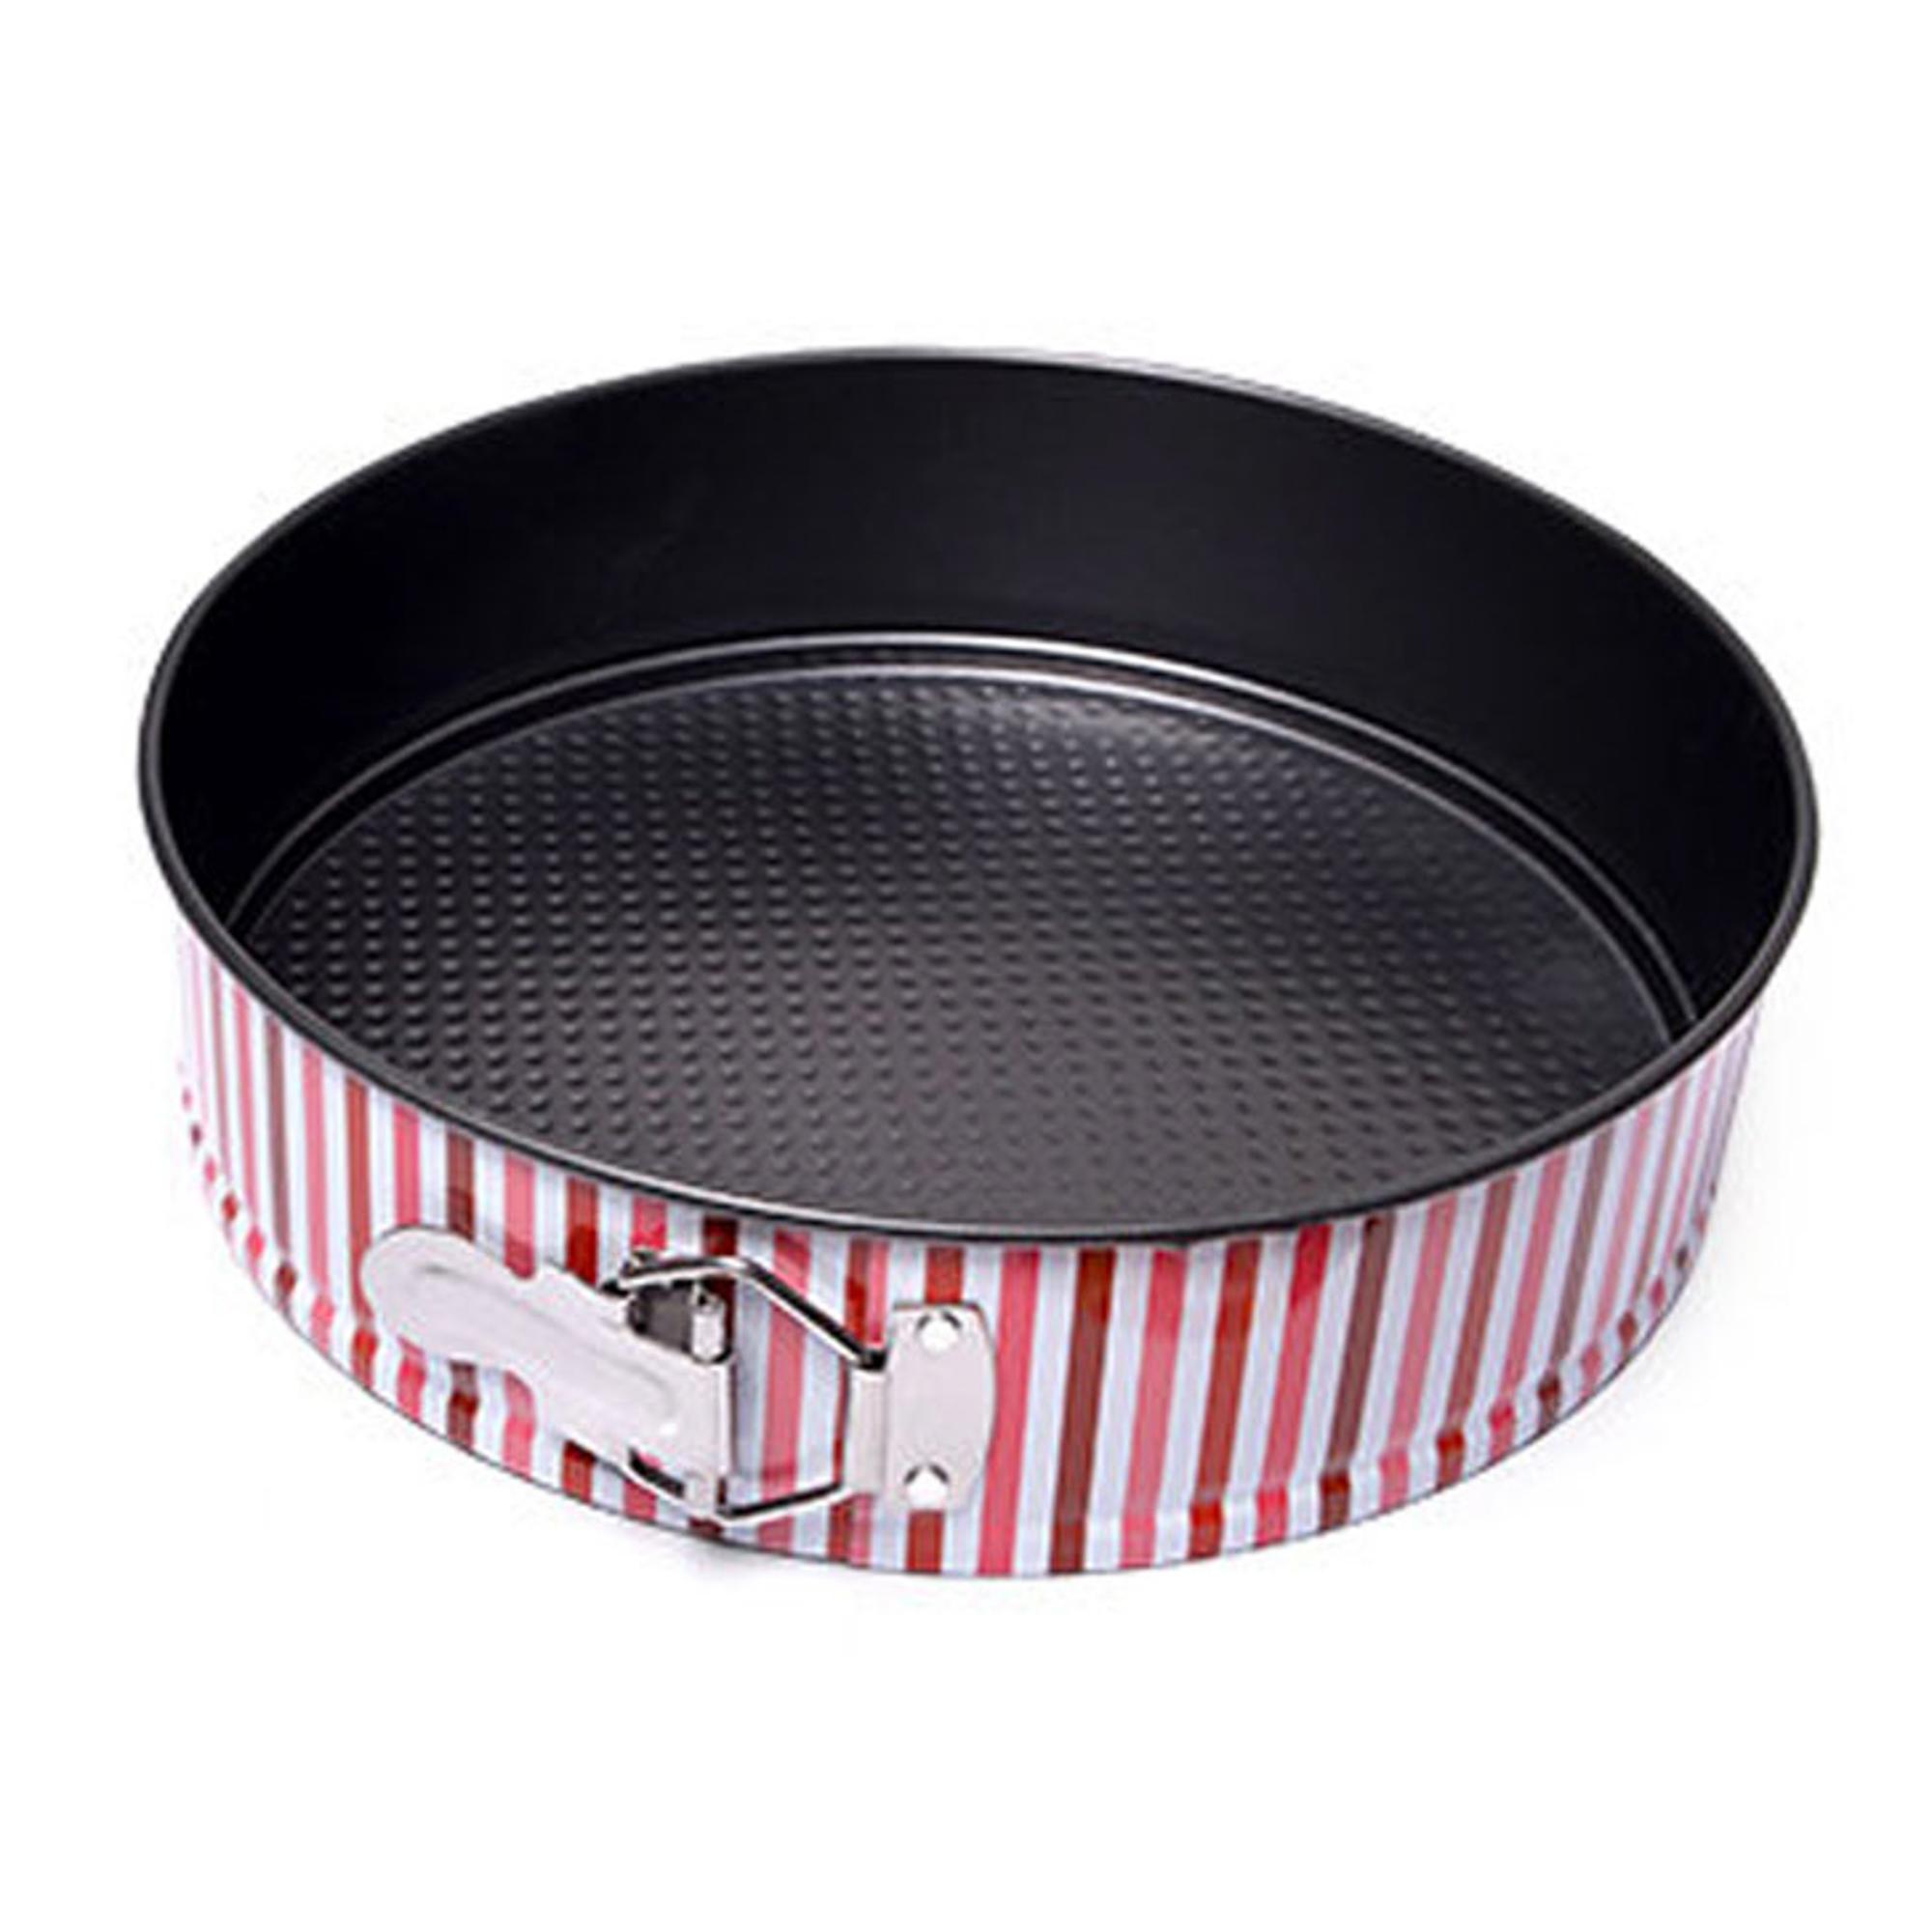 Купить Форма разъёмная для выпечки пирога 26х7см Fissman Piana, Дания, углеродистая сталь